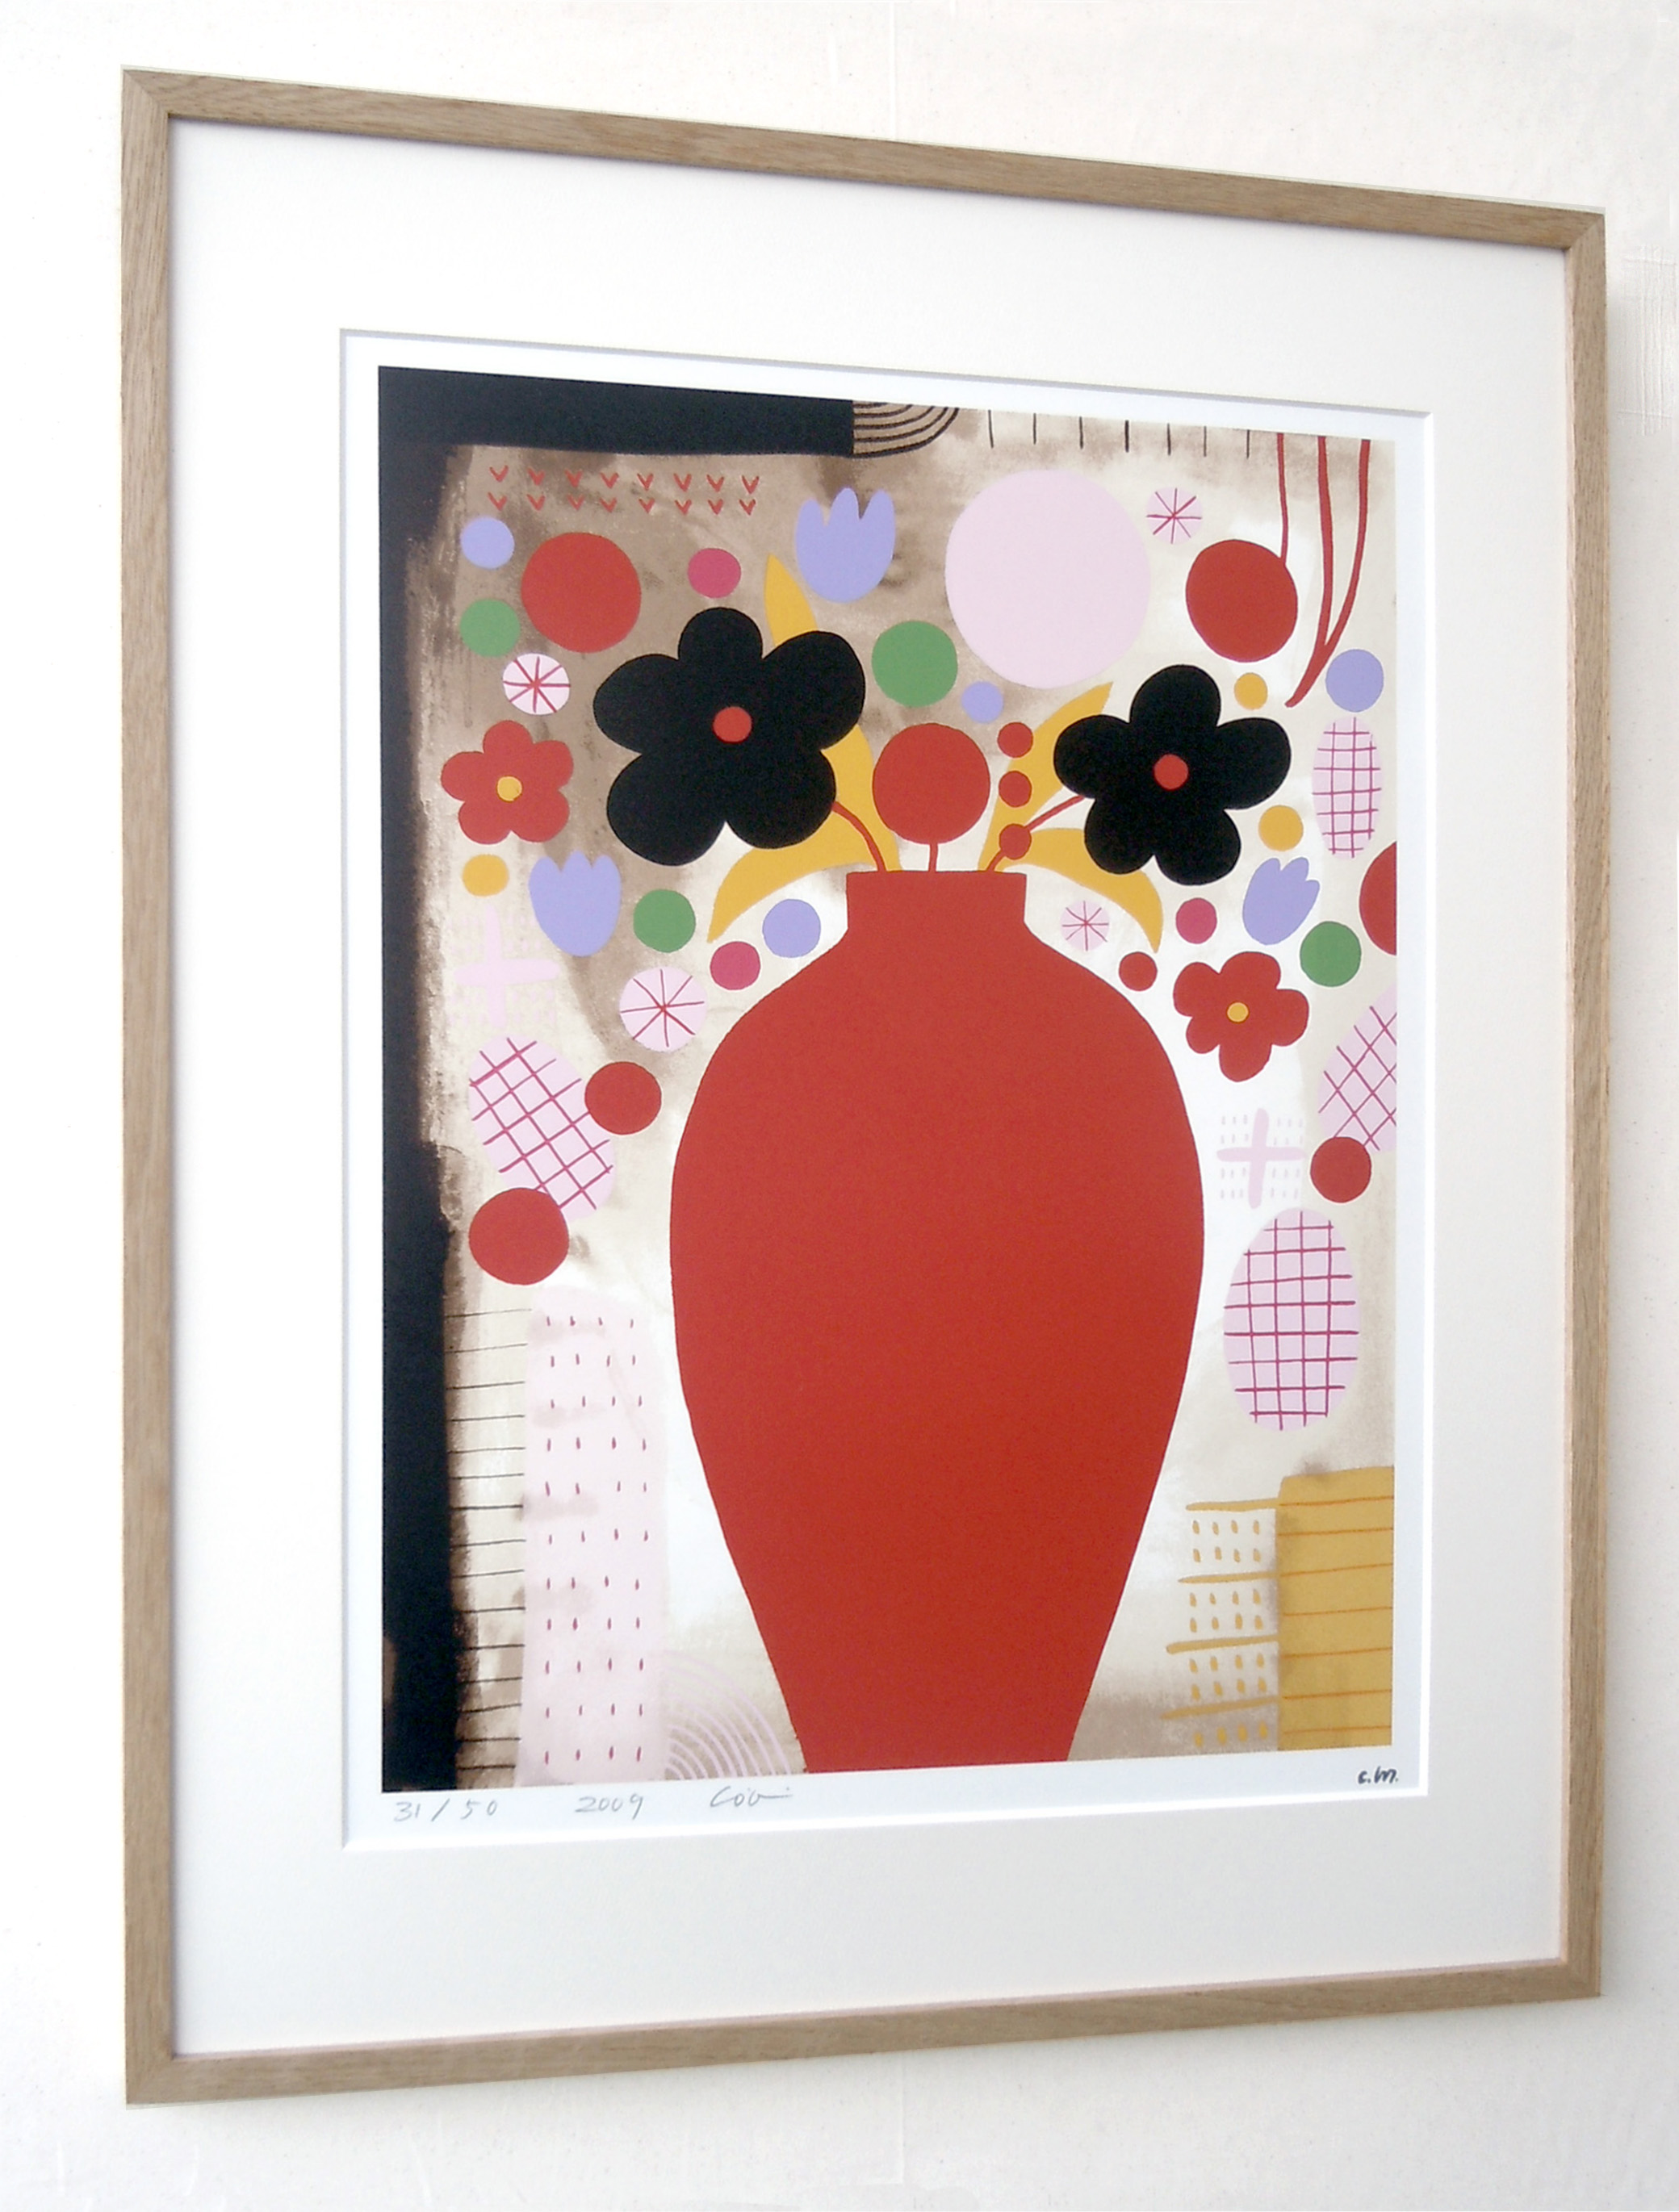 【著名アーティストシルクスクリーン版画作品】宮迫千鶴「七月のピアノ」